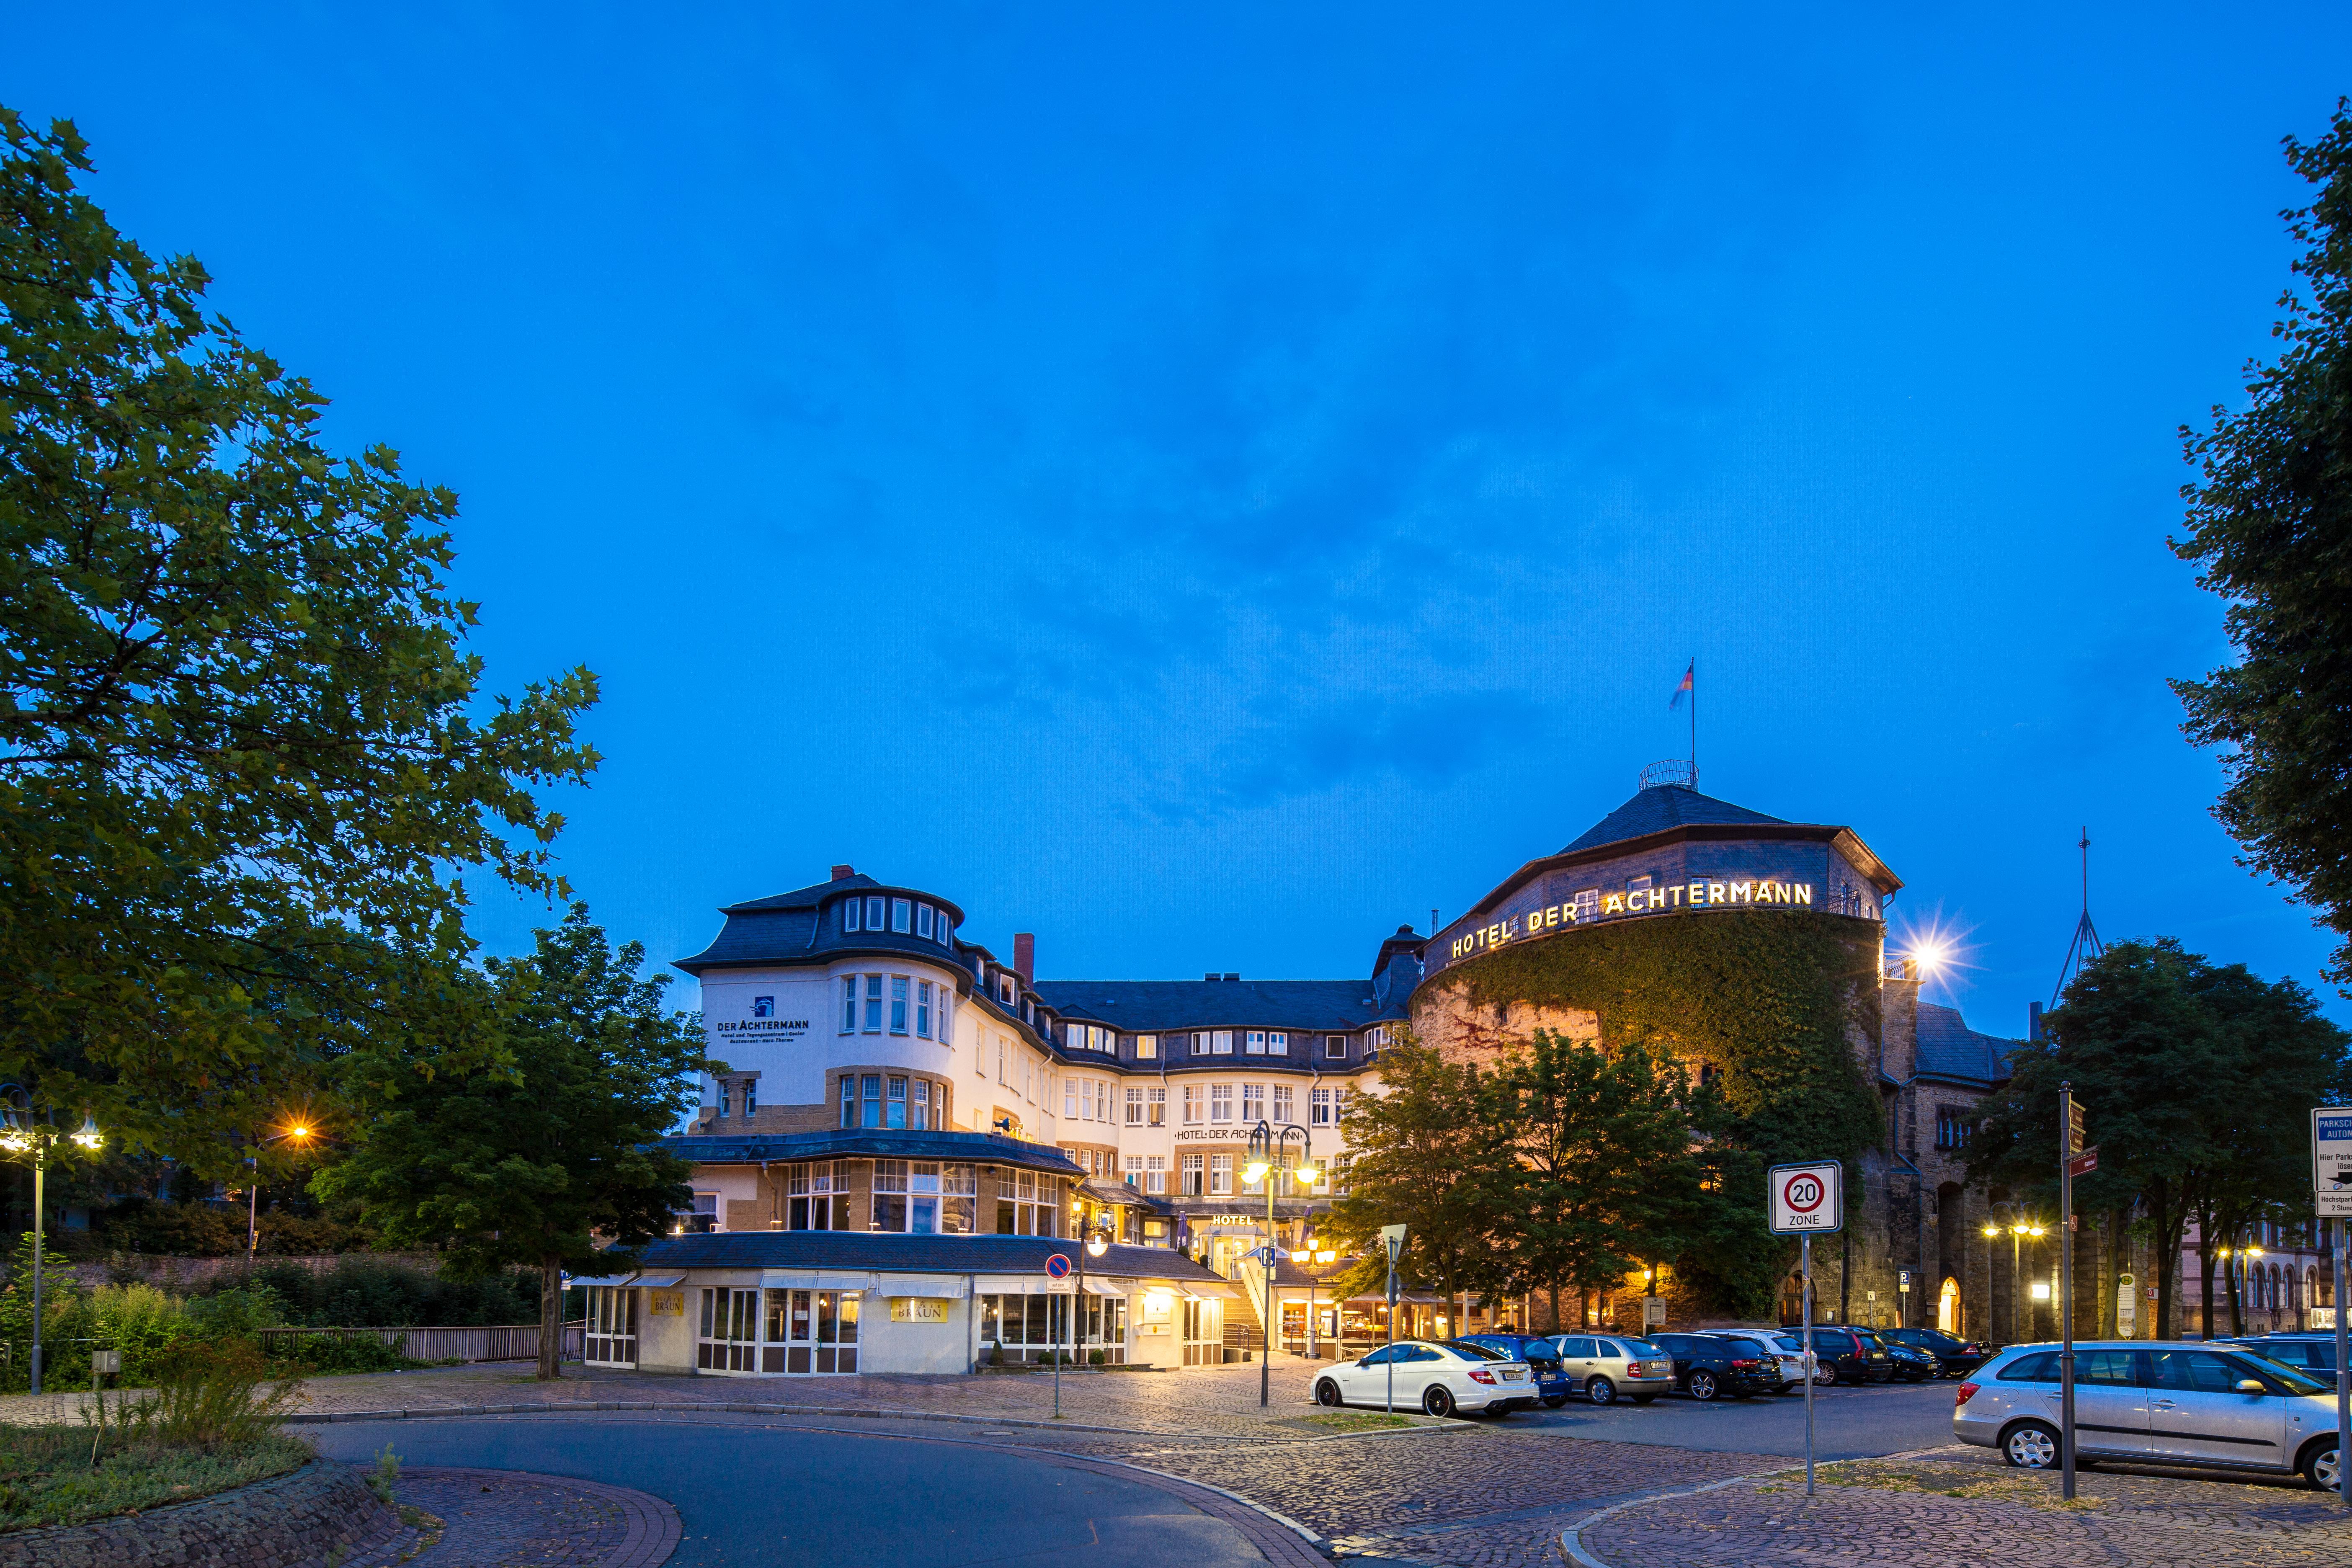 Hotel DER ACHTERMANN in Goslar - Außenansicht in der Dämmerung